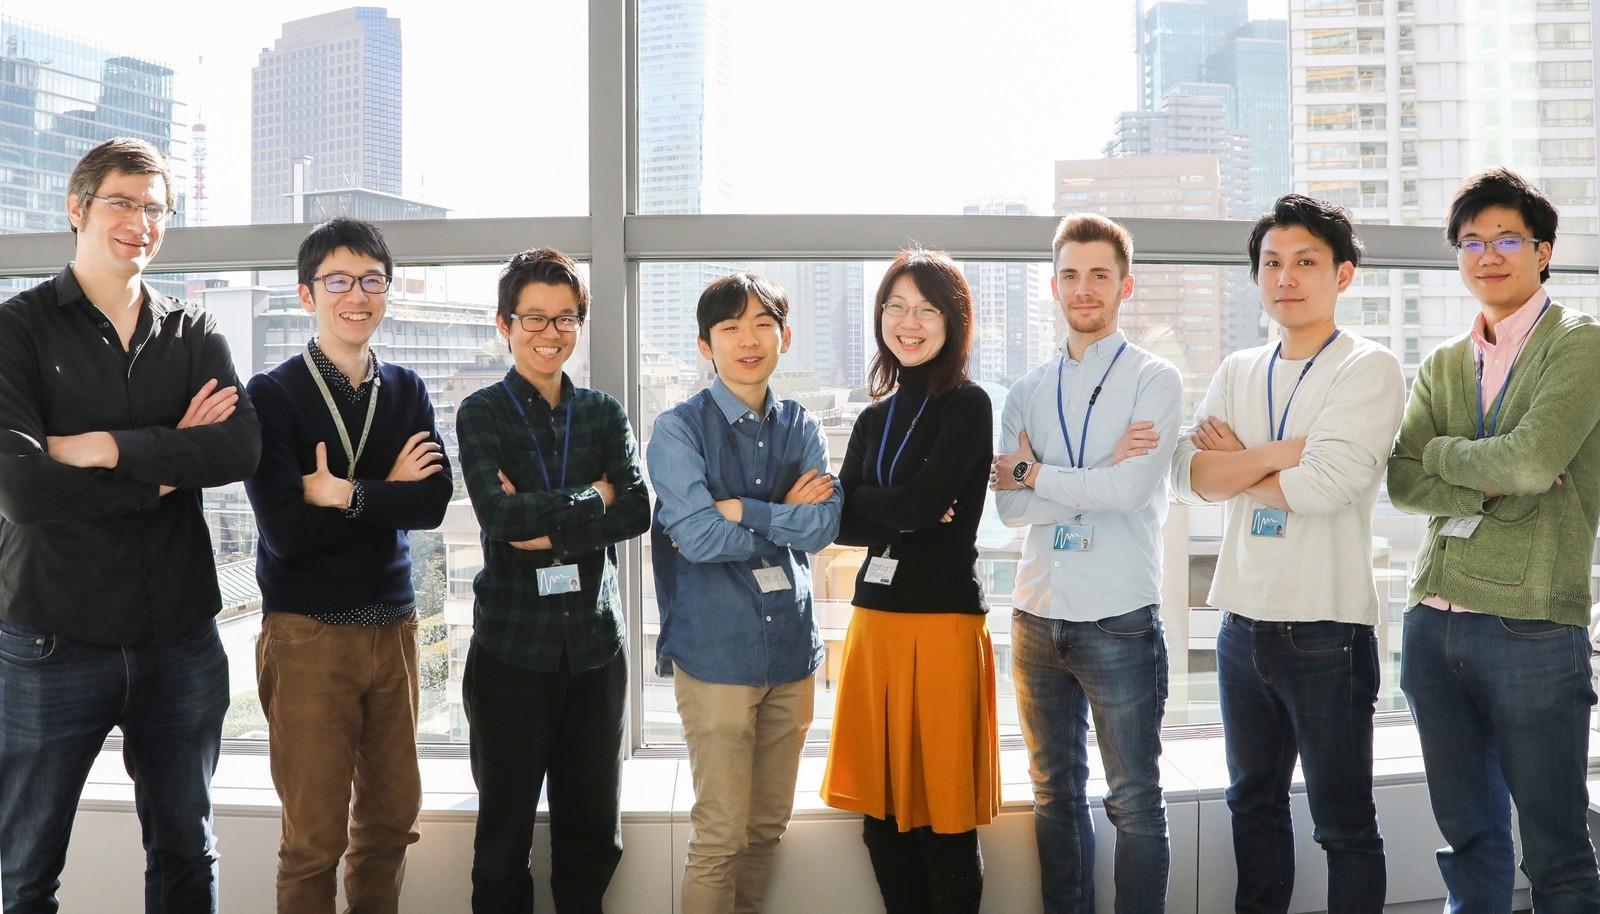 大事な人のために日本・世界の医療をよくしていきたいiOSエンジニアを募集!